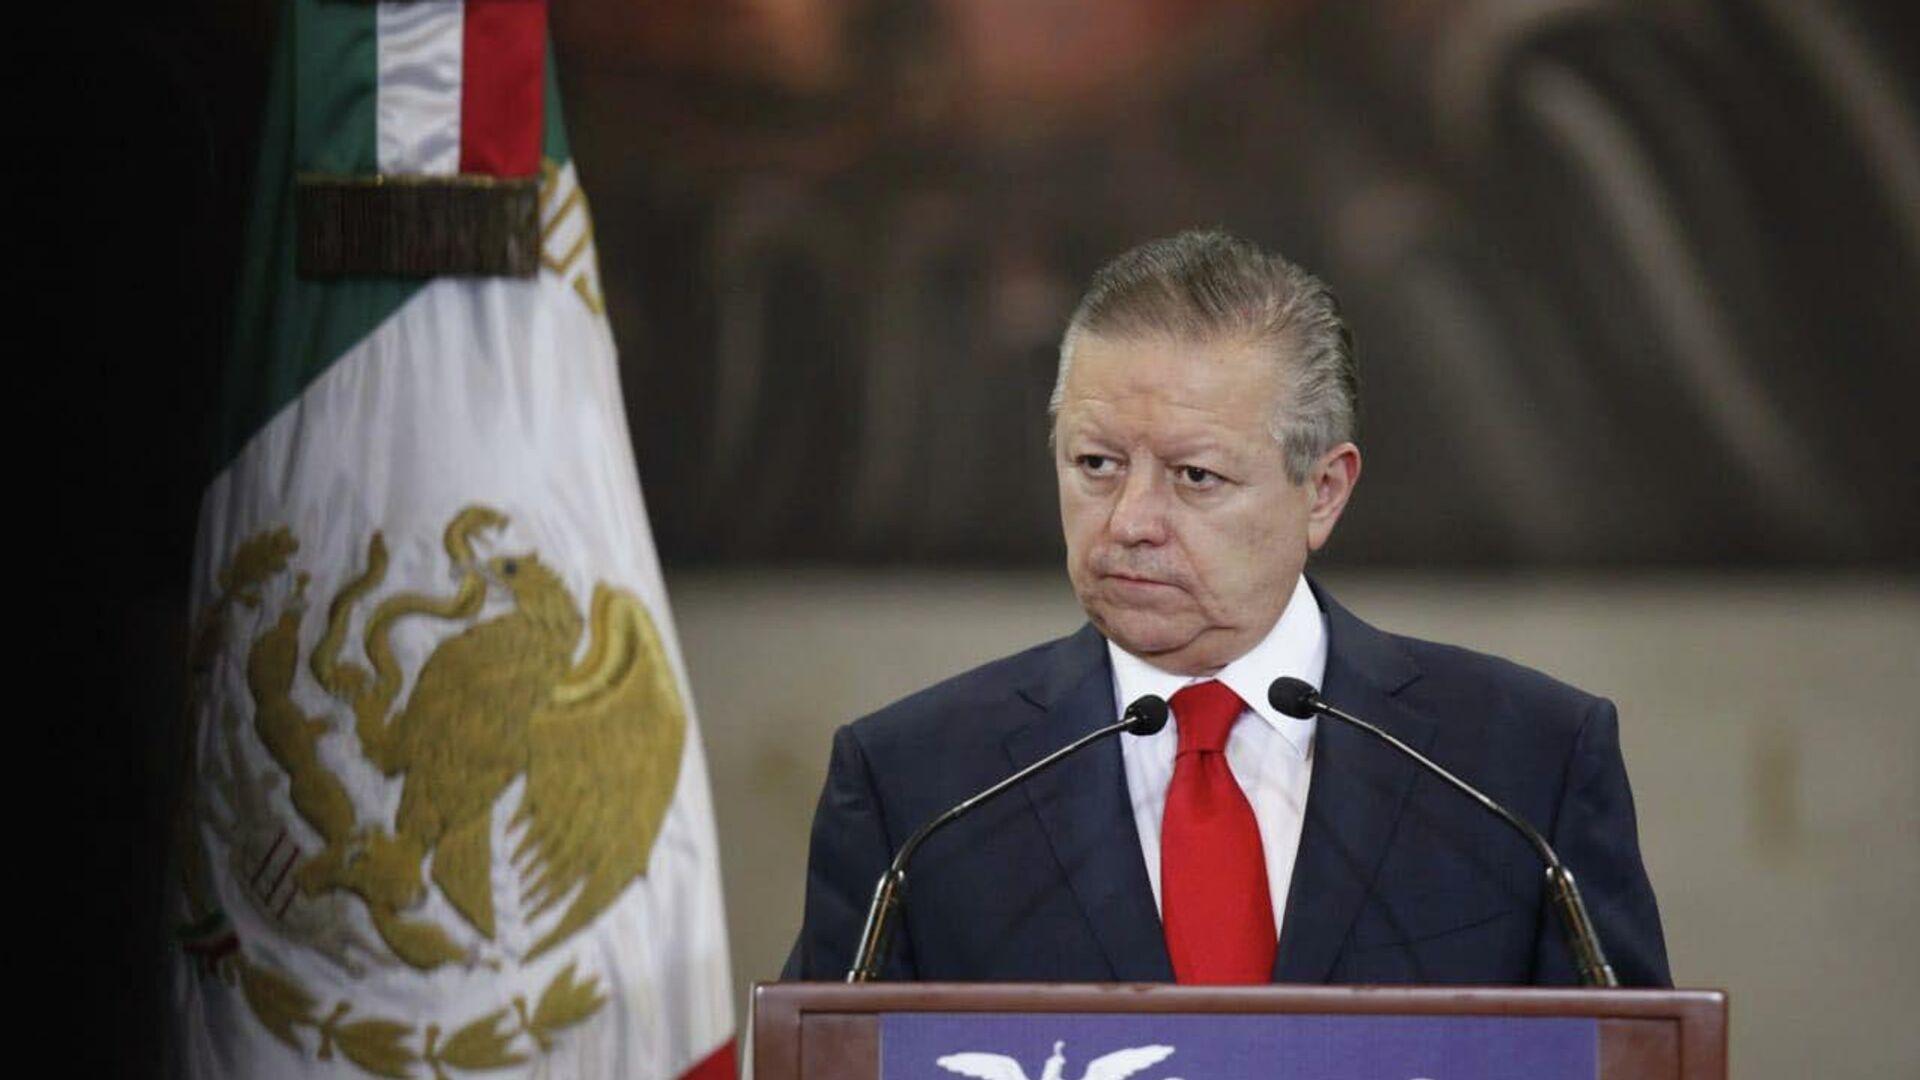 Arturo Zaldívar, ministro presidente de la Suprema Corte de Justicia de la Nación - Sputnik Mundo, 1920, 21.09.2021